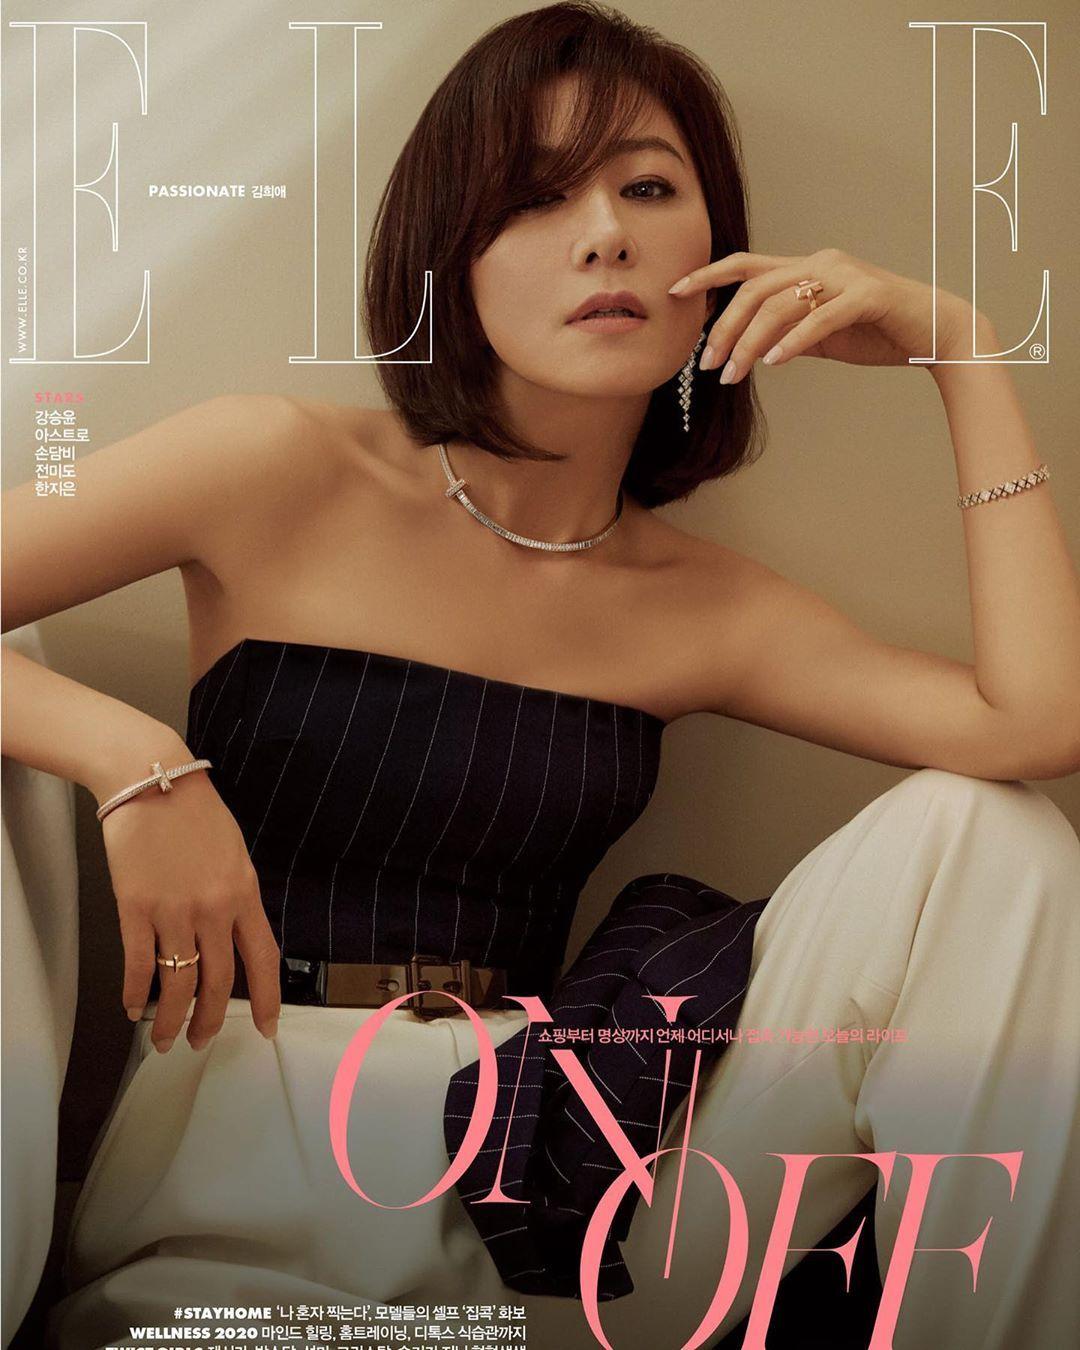 韩国冻龄美女演员当道!除了《夫妻的世界》金喜爱外还有她们!插图(3)